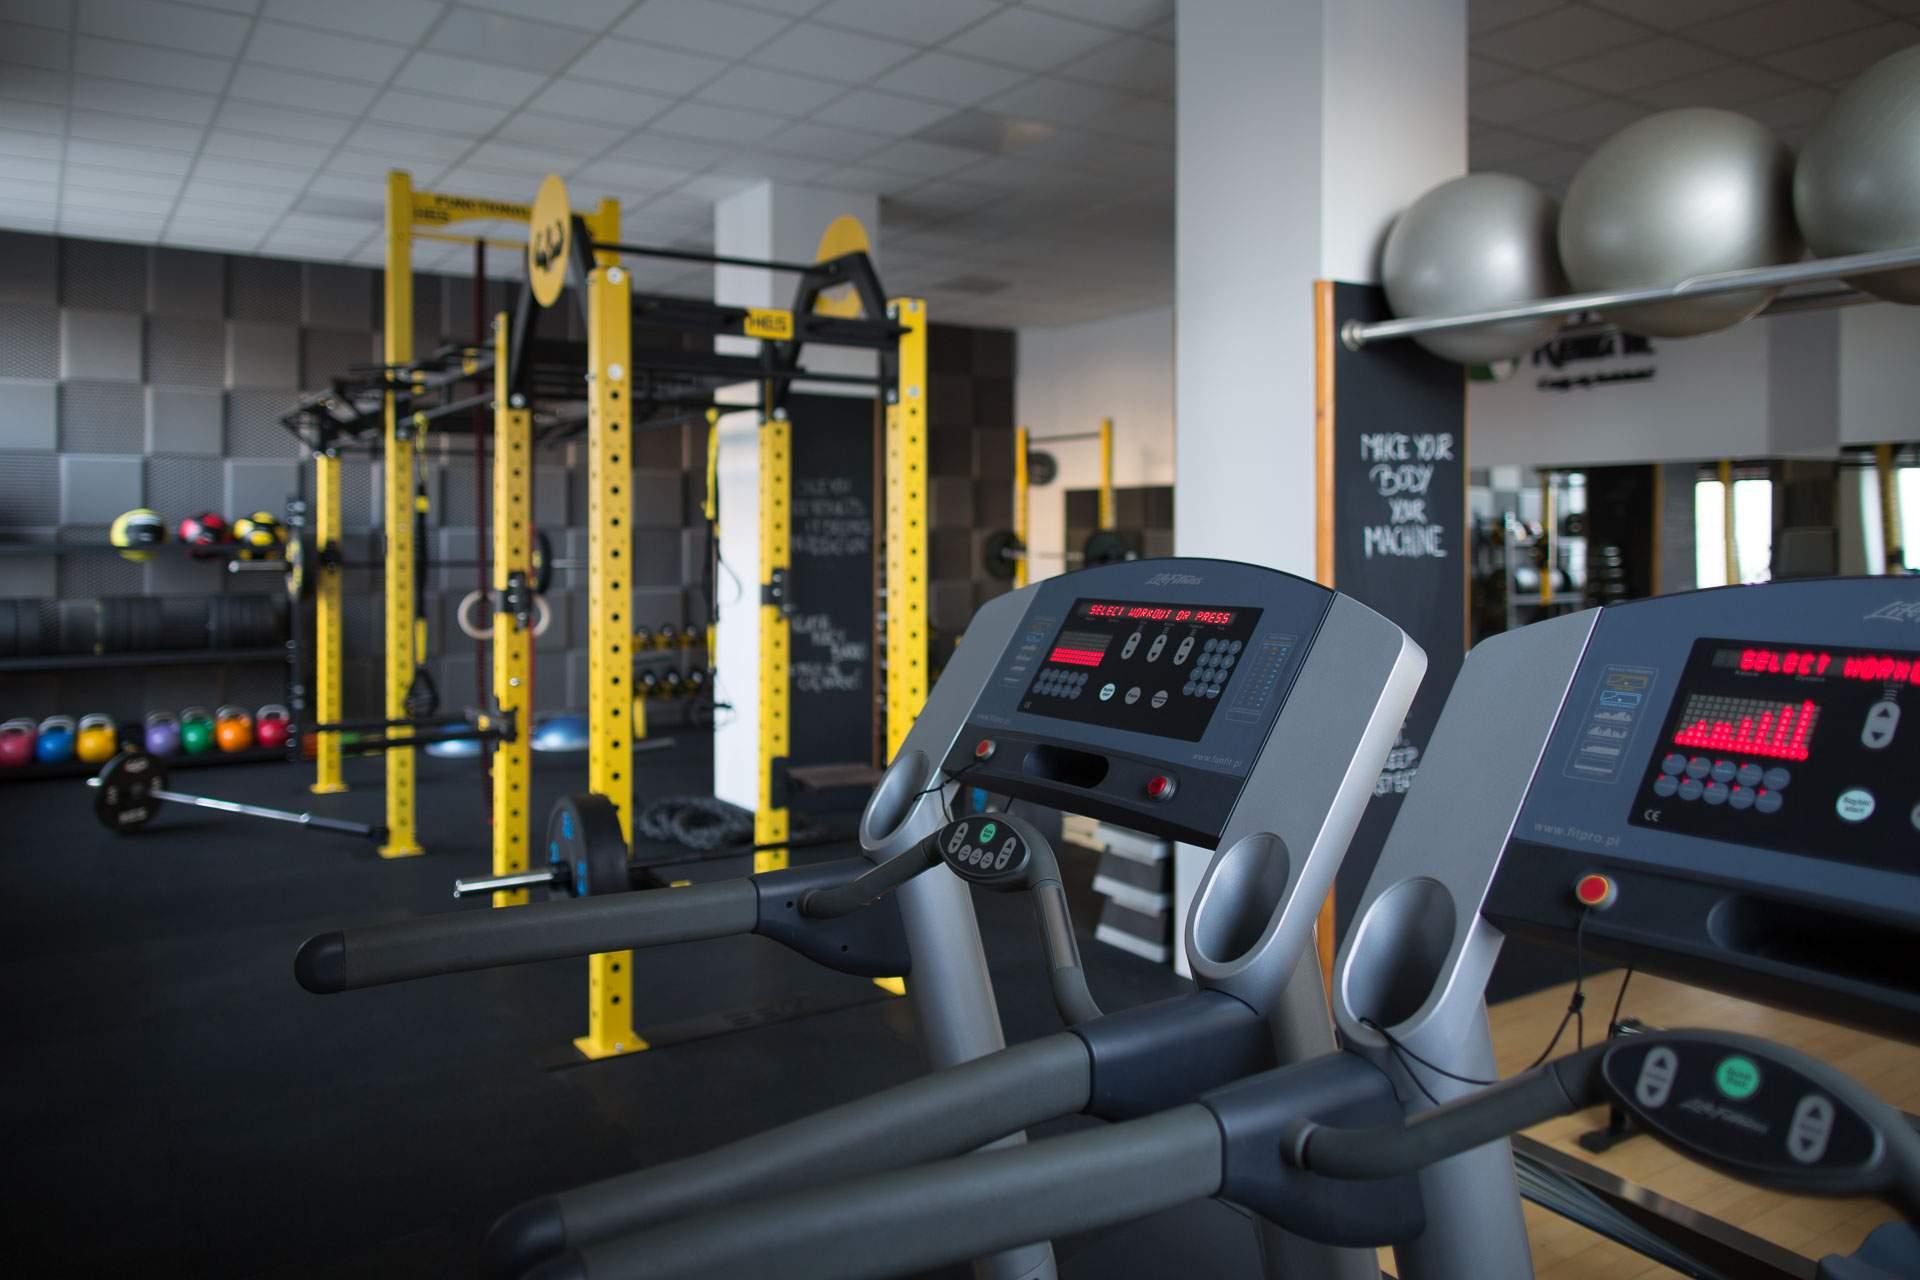 Bieżnie i strefa cardio studia treningu personalnego RehaFit